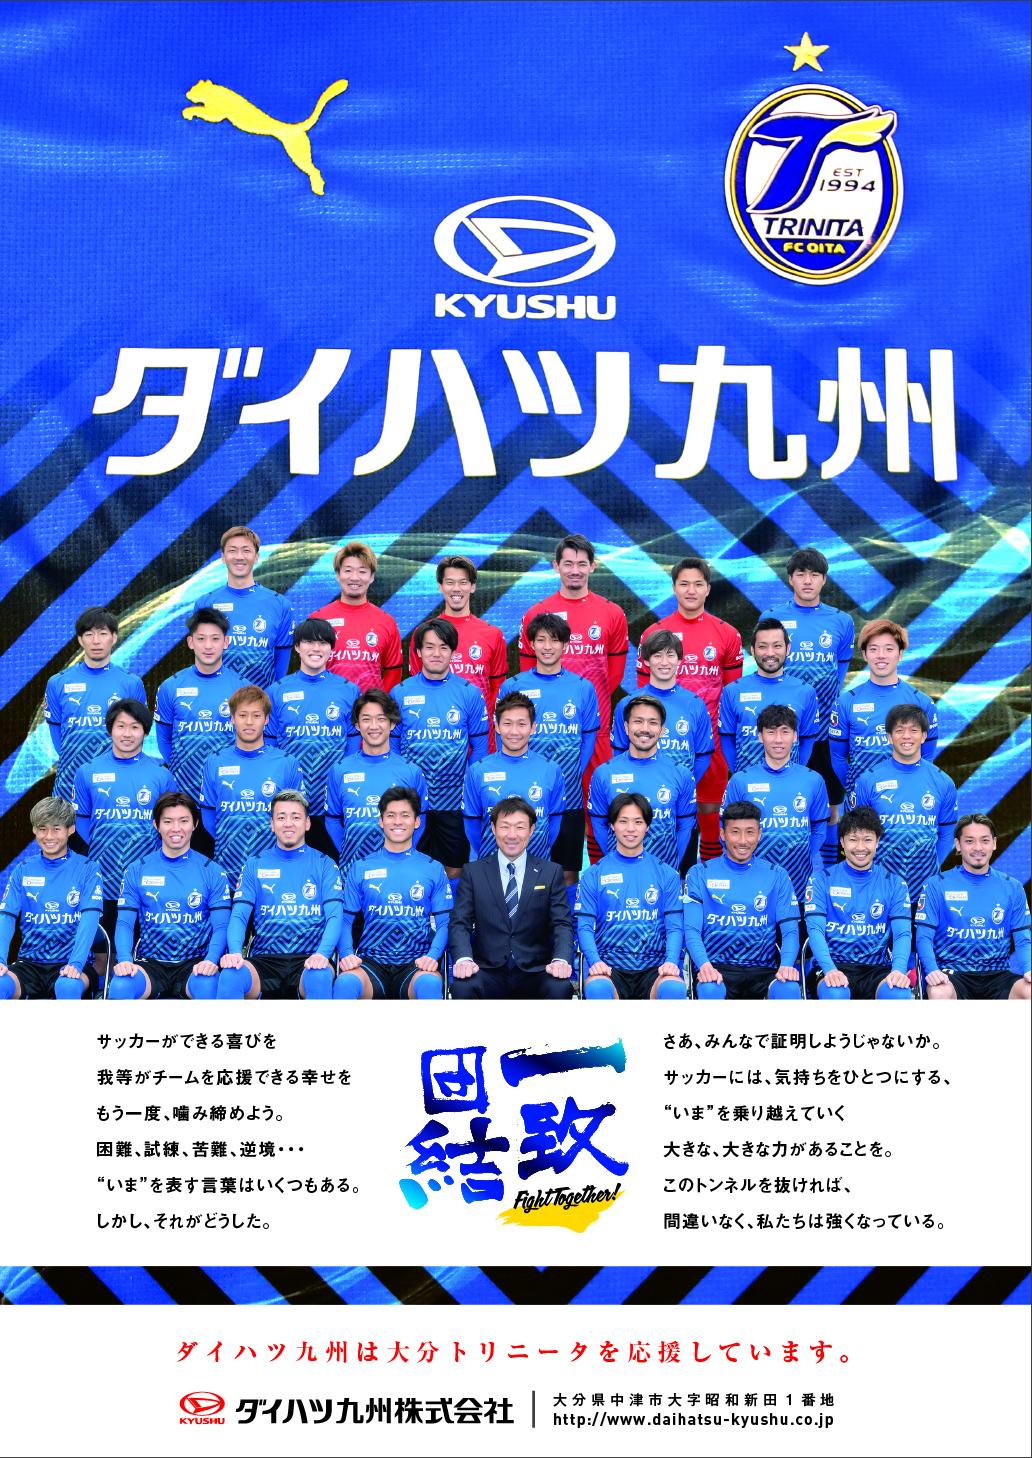 ダイハツ九州 OITA TRINITA 2021イヤーブック 広告